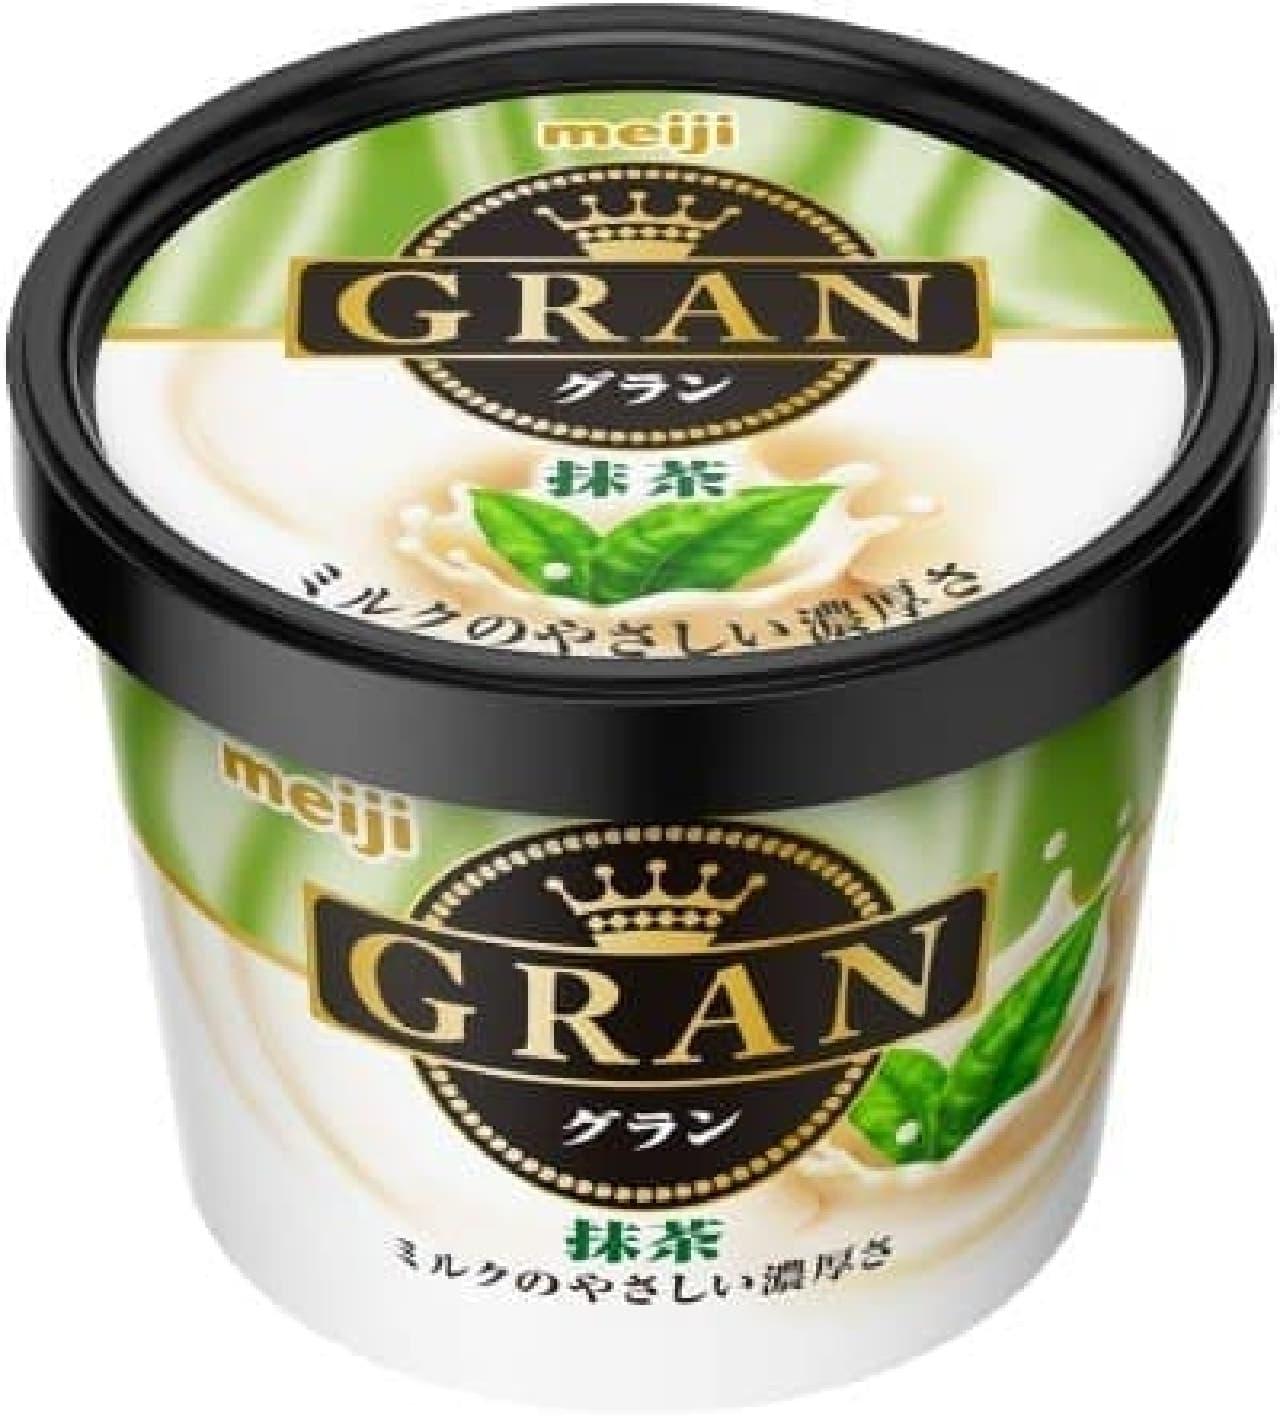 GRAN 抹茶